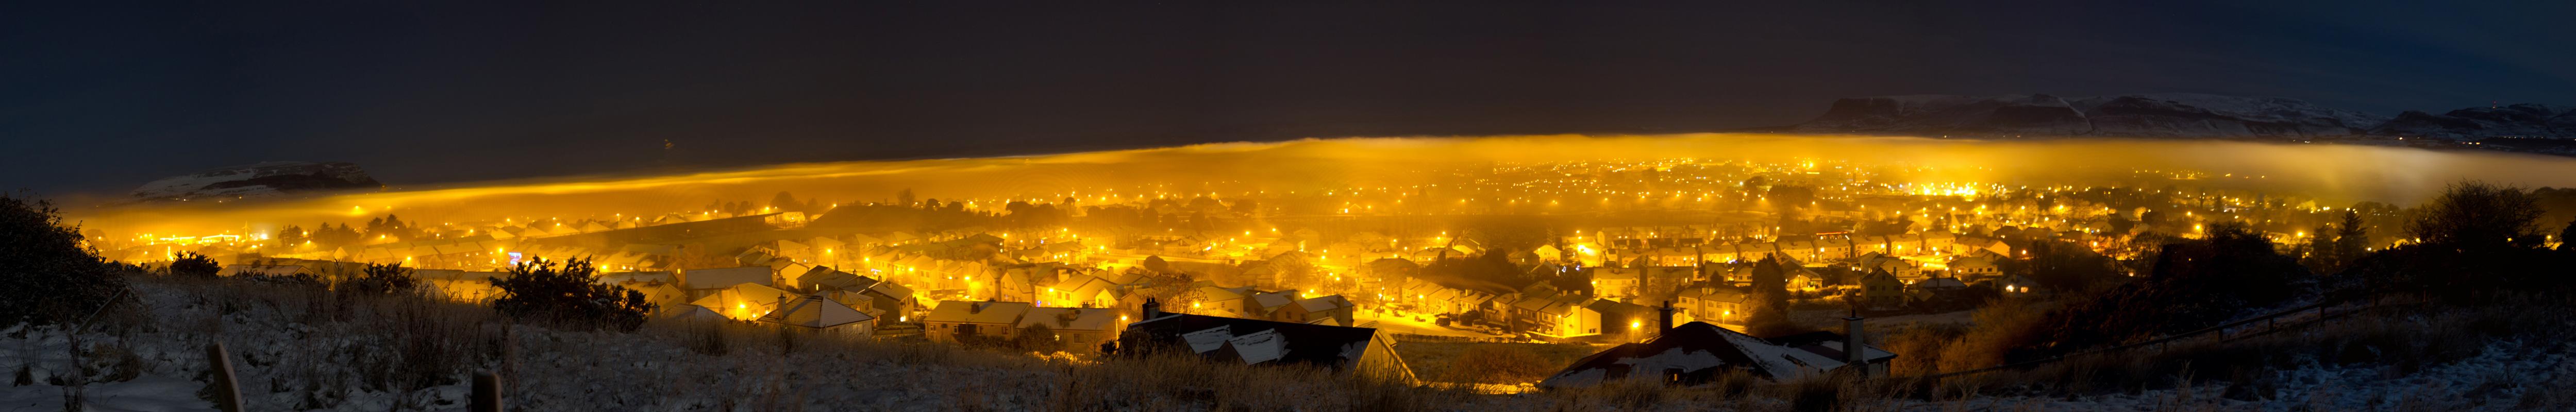 pan-town-night